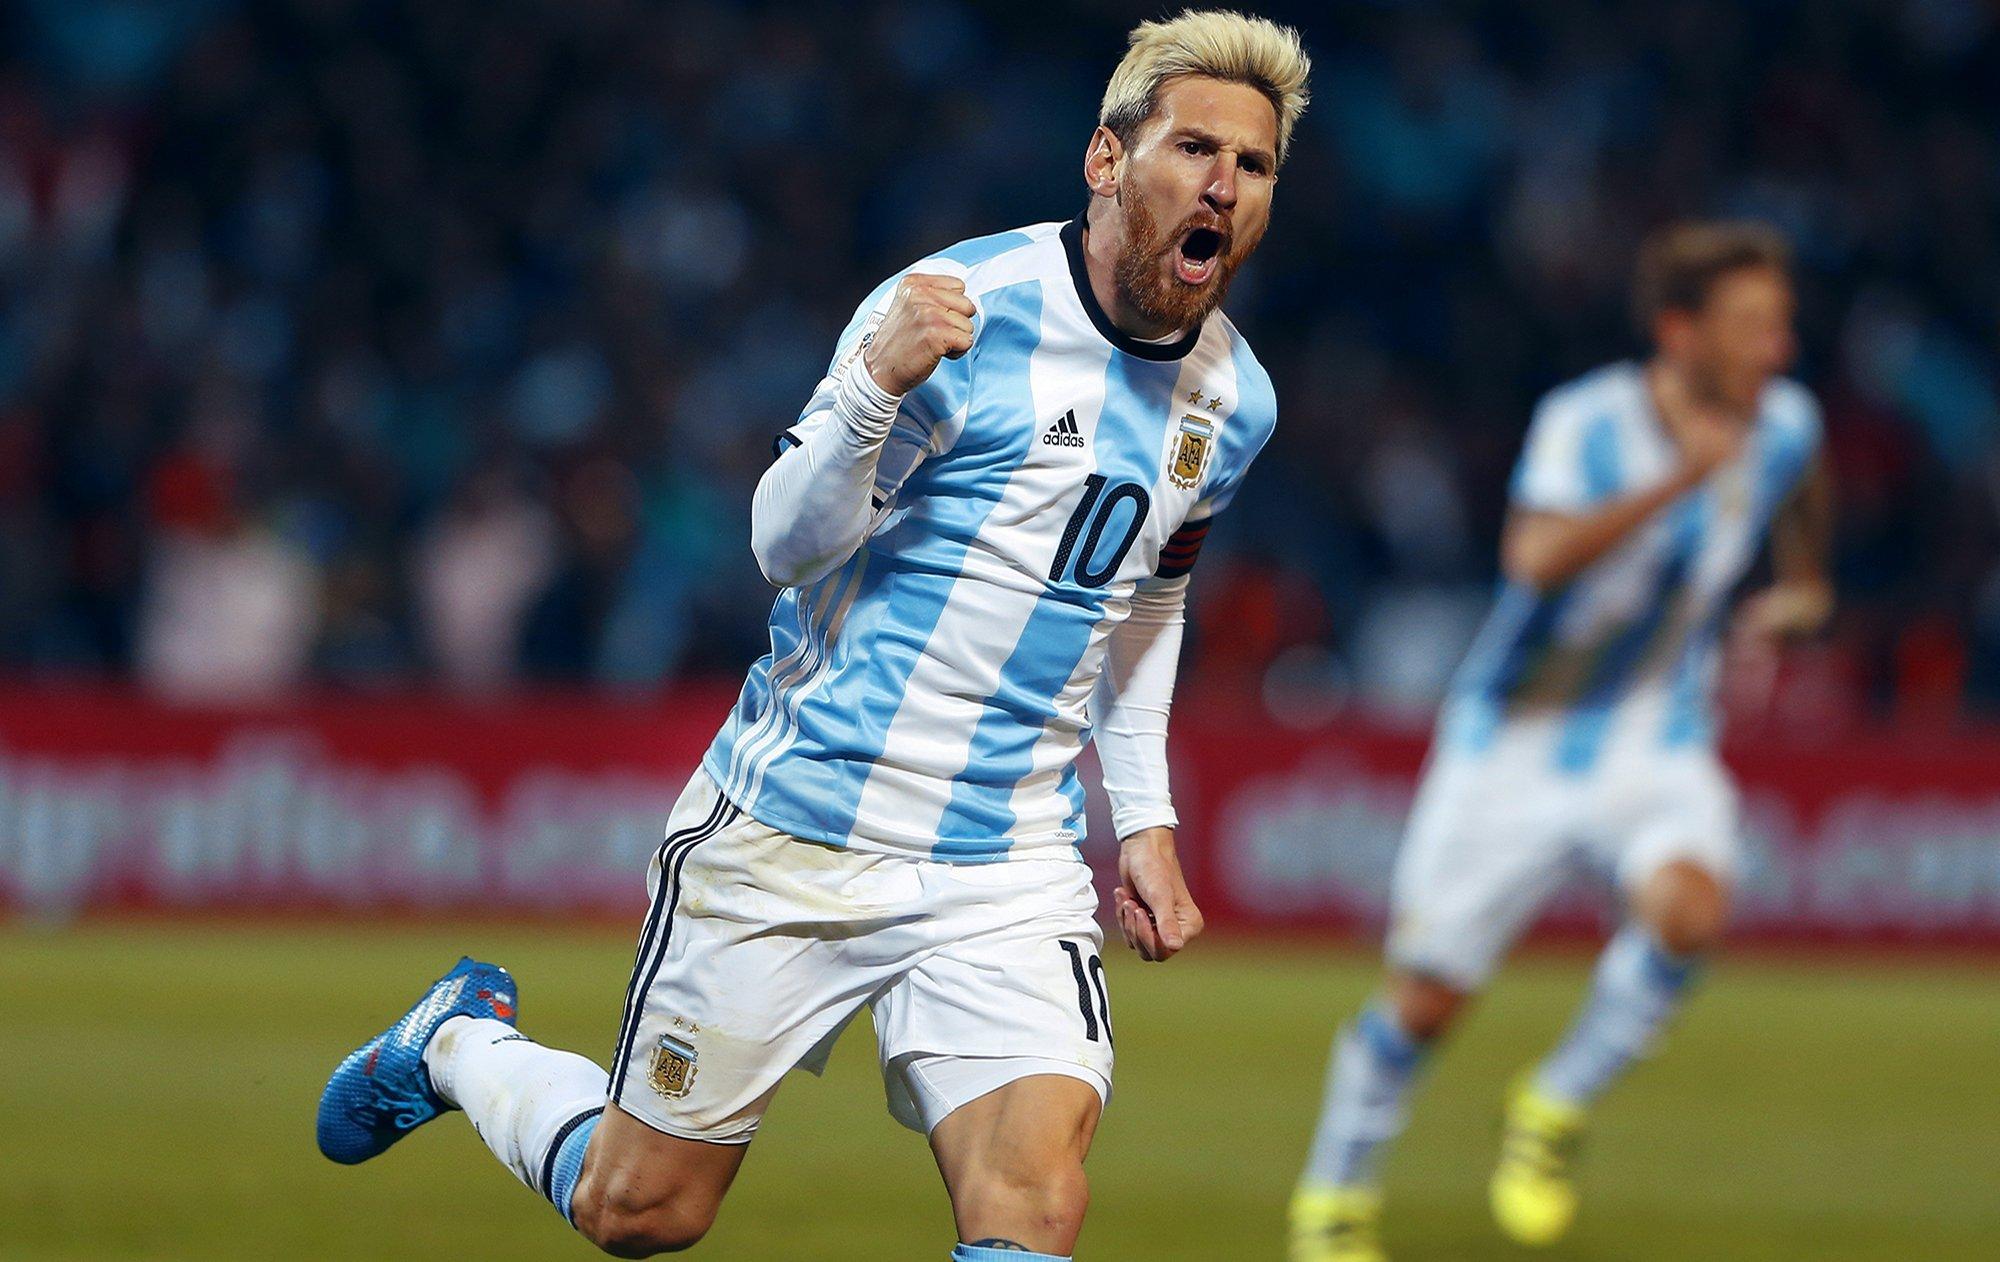 Колумбия – Чили прогноз на игру чемпионата мира